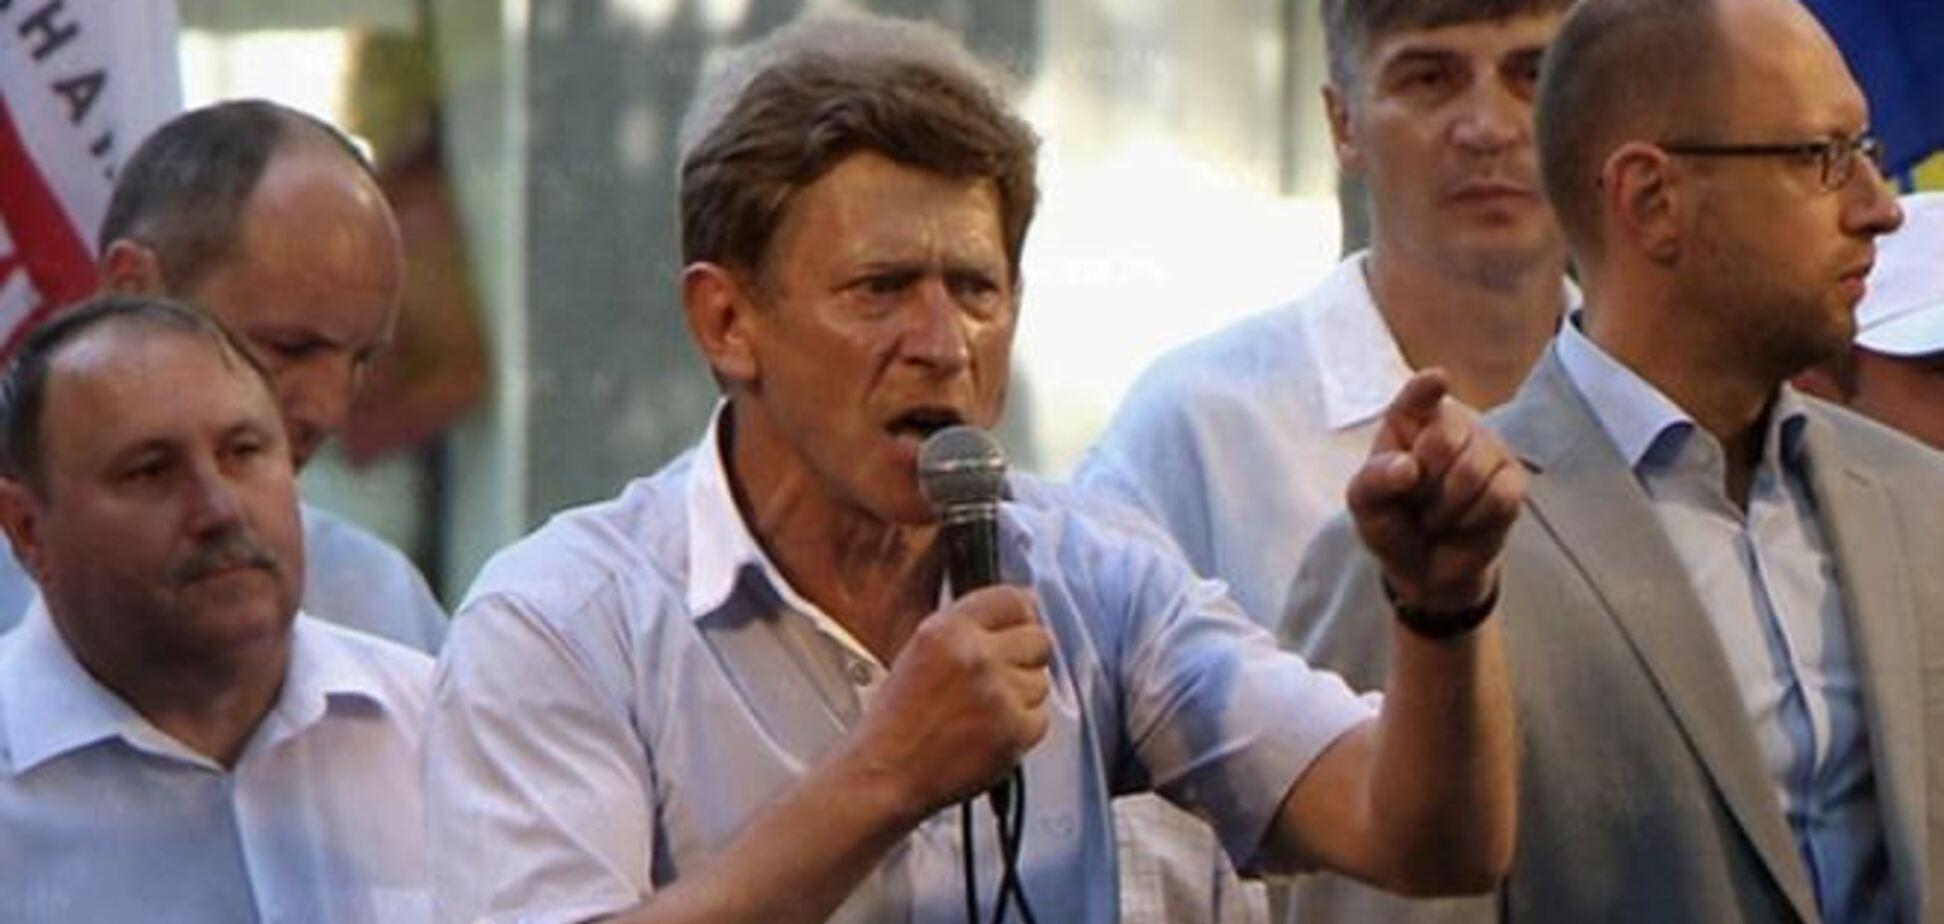 Бютовец просит Забзалюка отозвать заявление о сложении мандата